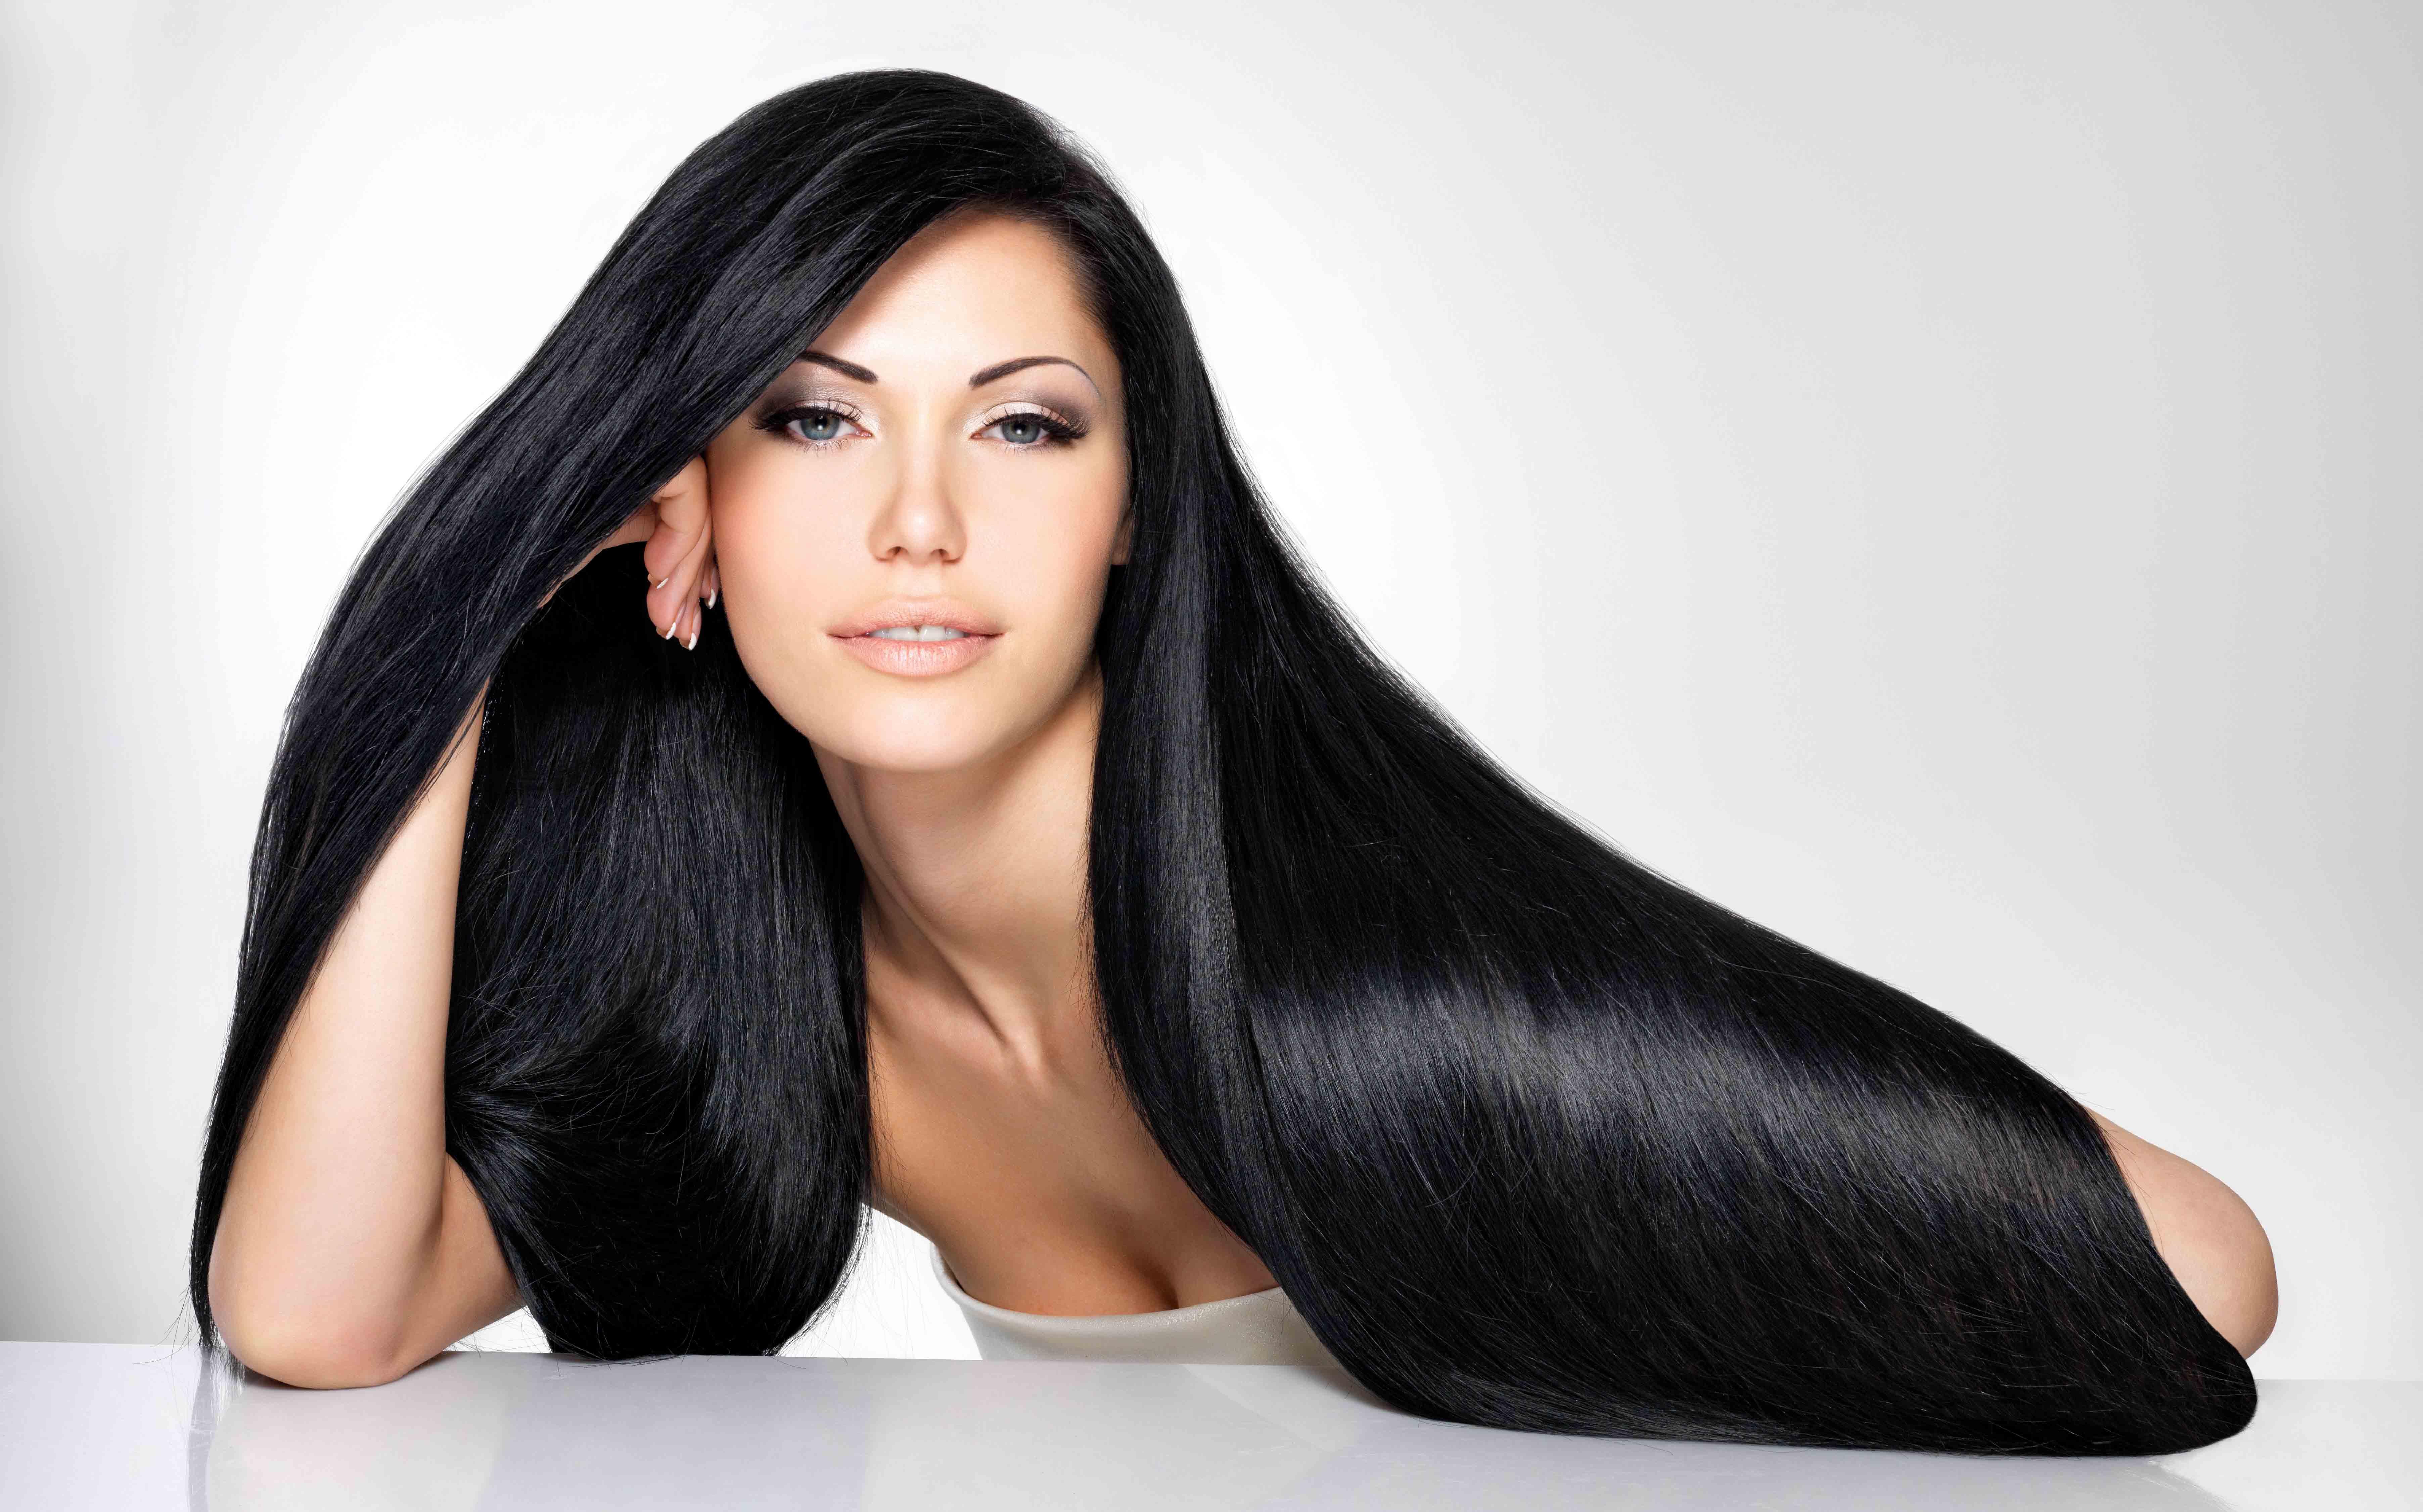 capelli-lunghi-zephir-parrucchier-ascona-muralto